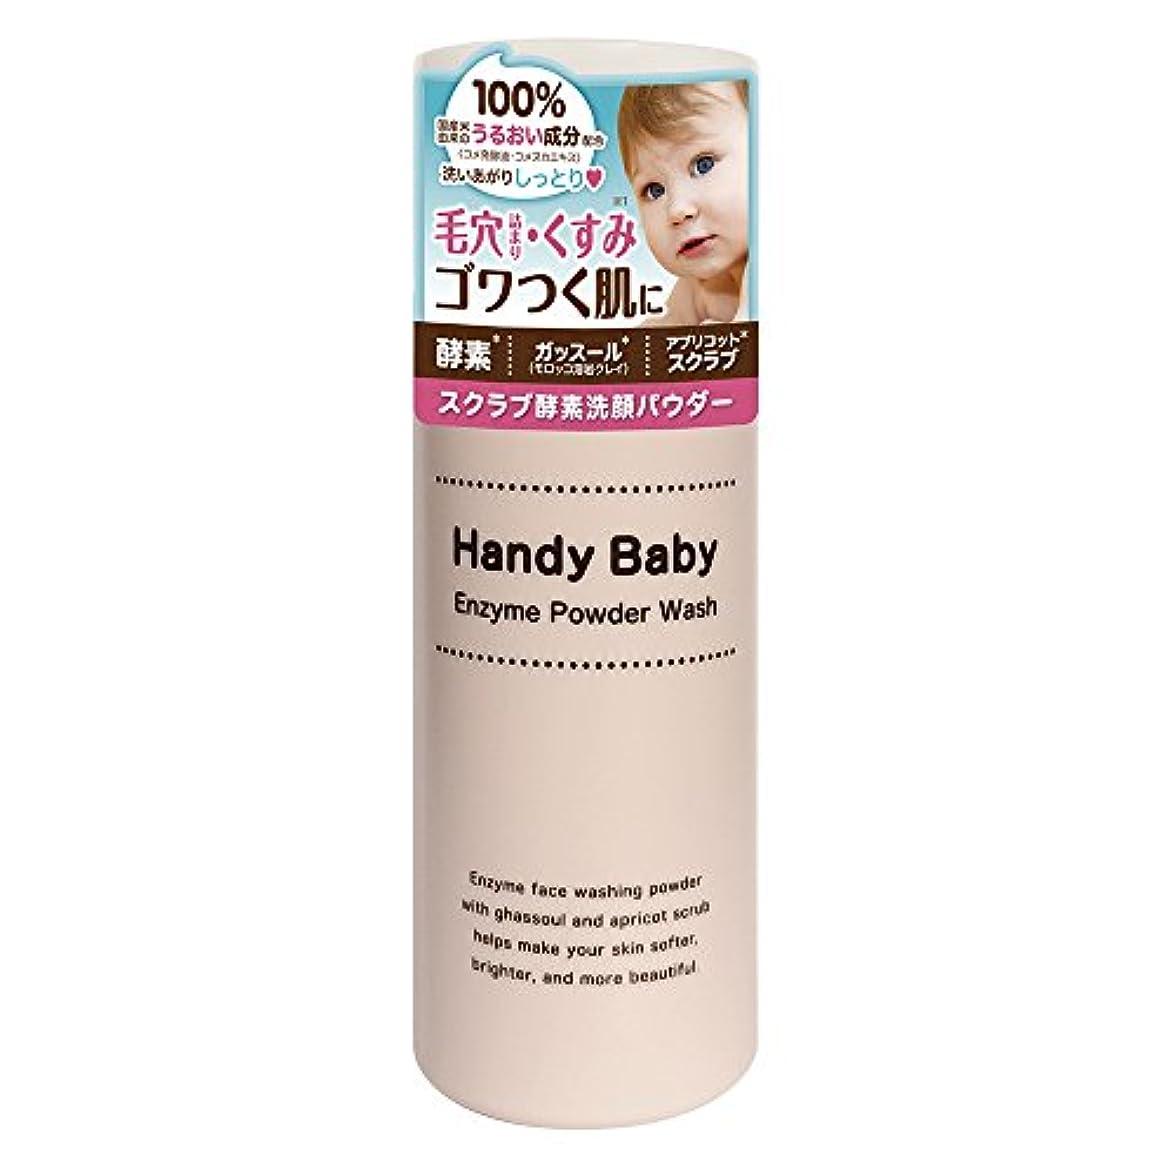 役立つ丈夫変位ハンディベイビー スクラブ酵素洗顔パウダー (50g)